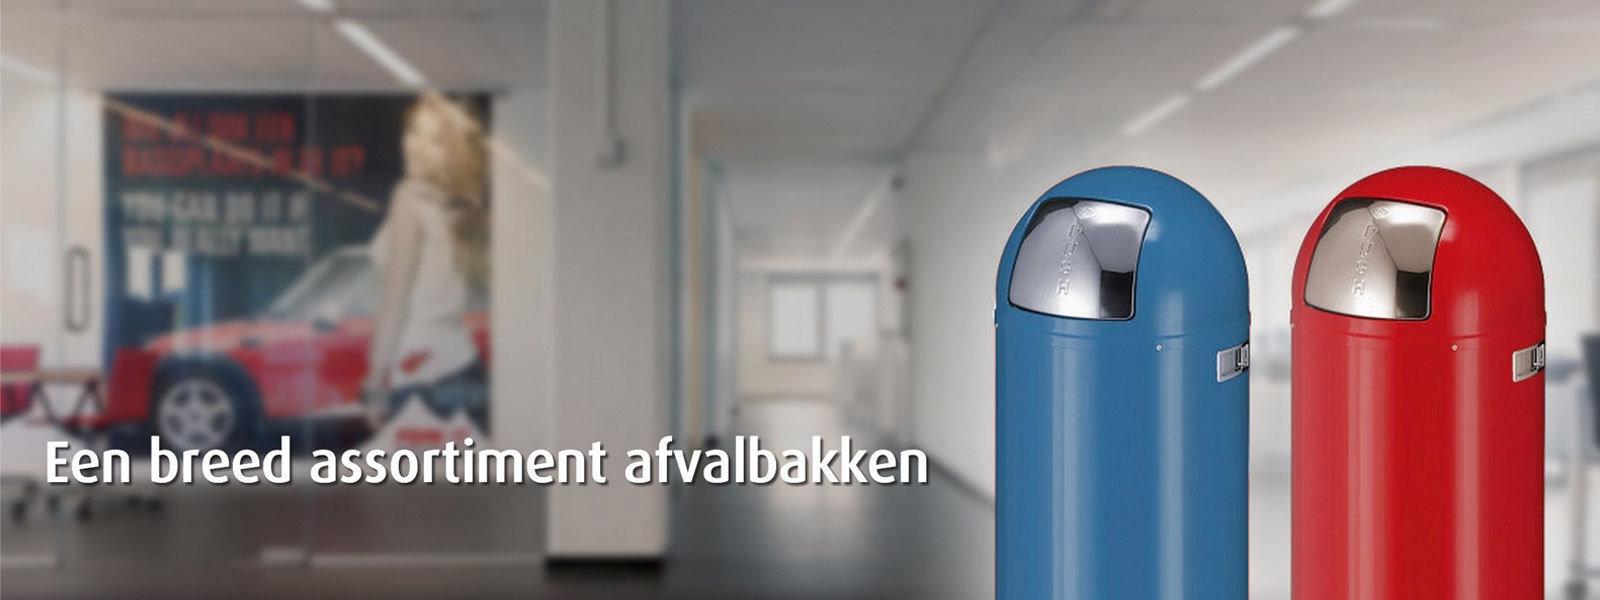 New release: Afvalbakken.nl